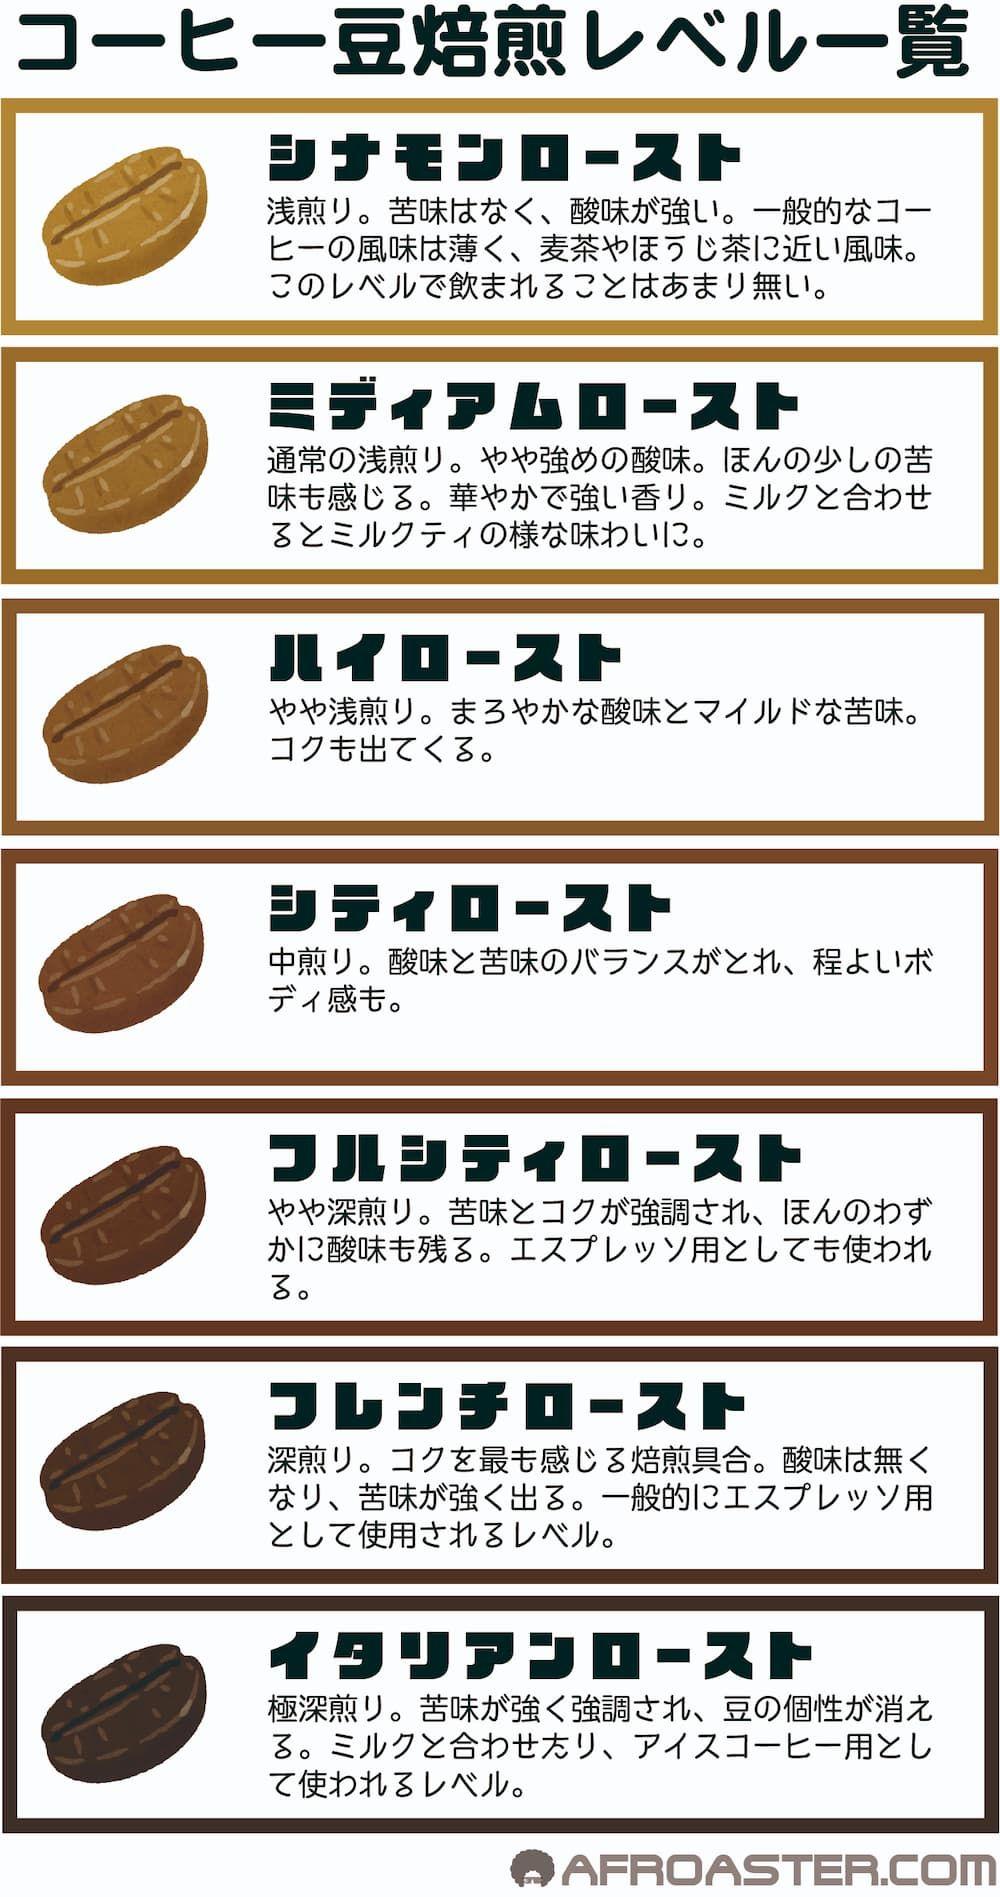 コーヒー豆焙煎レベル一覧表 Coffee Roasting Level 2020 コーヒー 種類 コーヒー カフェ ドリンク